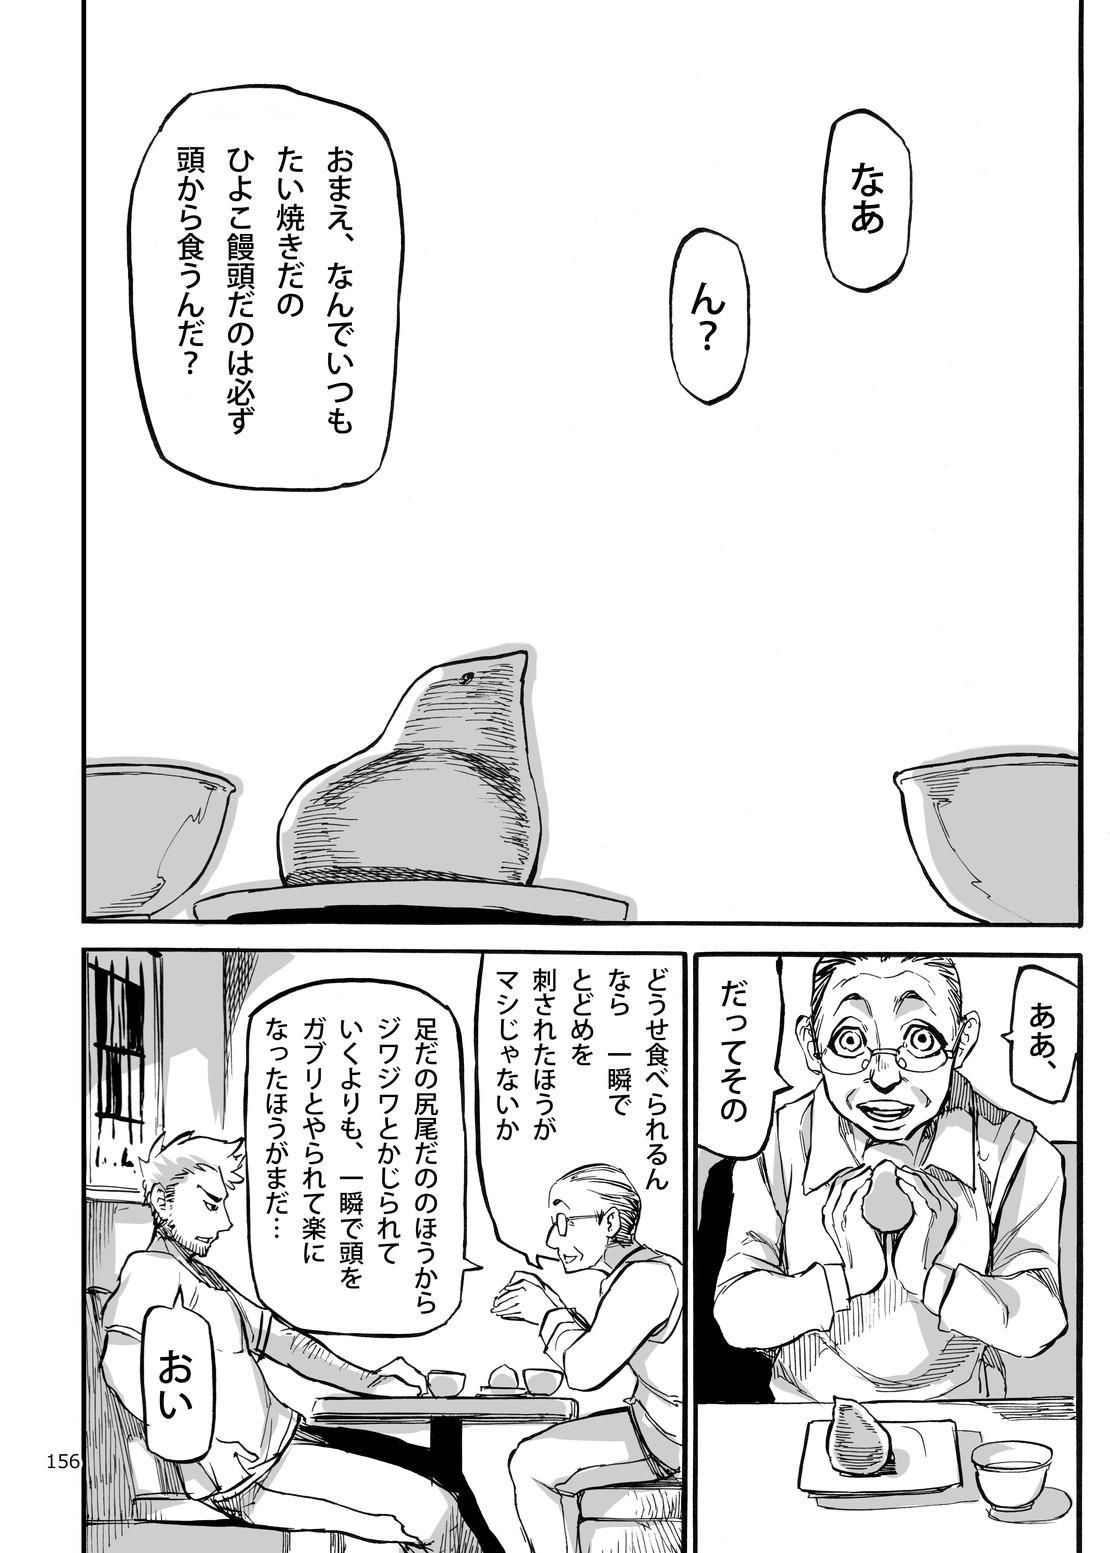 Shikibo Natsu 155